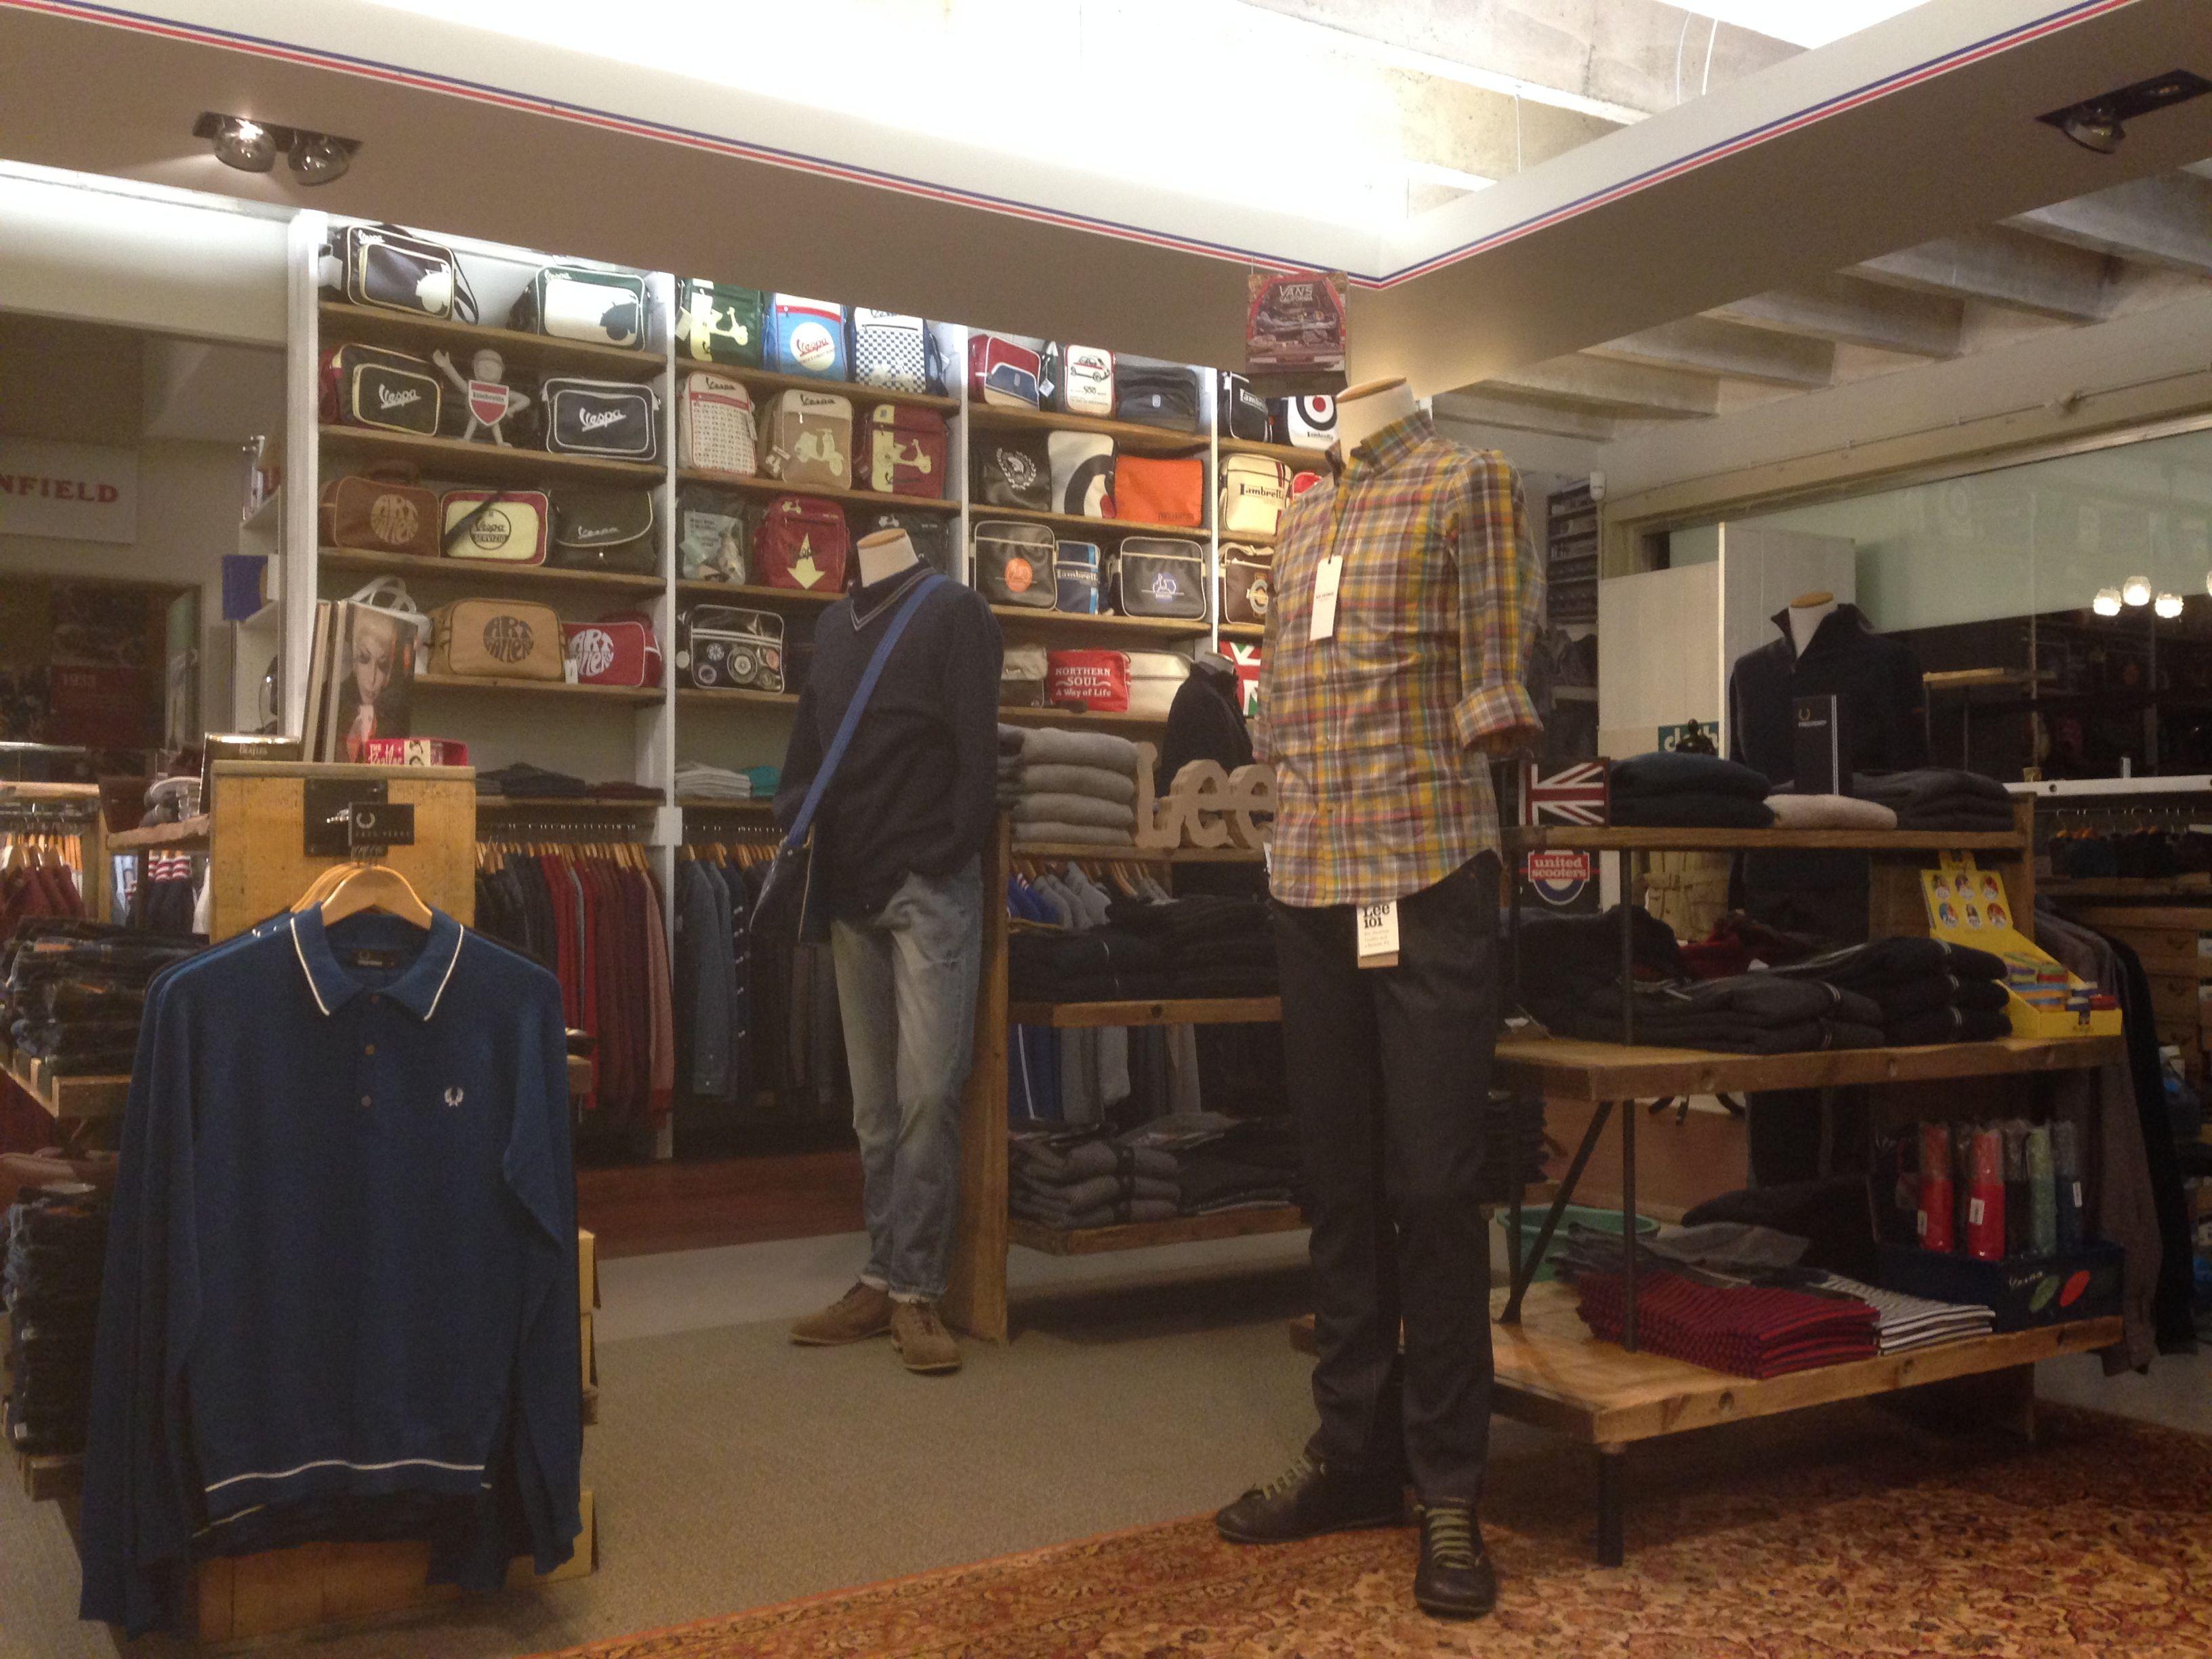 meubels in steenschotten www.merckxinterieurbouw.be